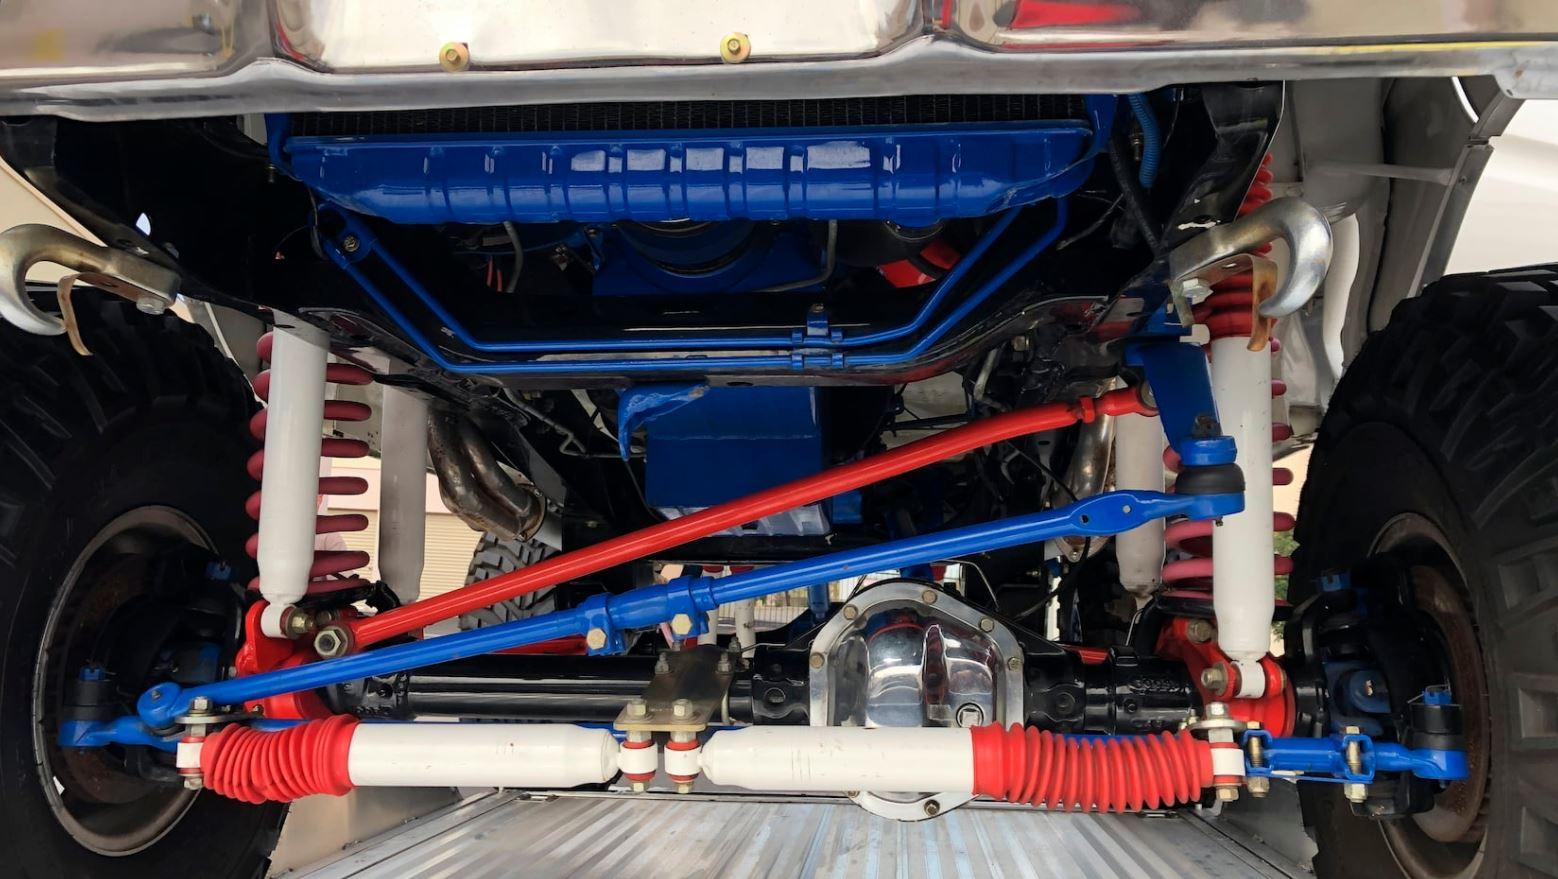 1979 Ford Bronco Packs Plenty Of Power 9.JPG